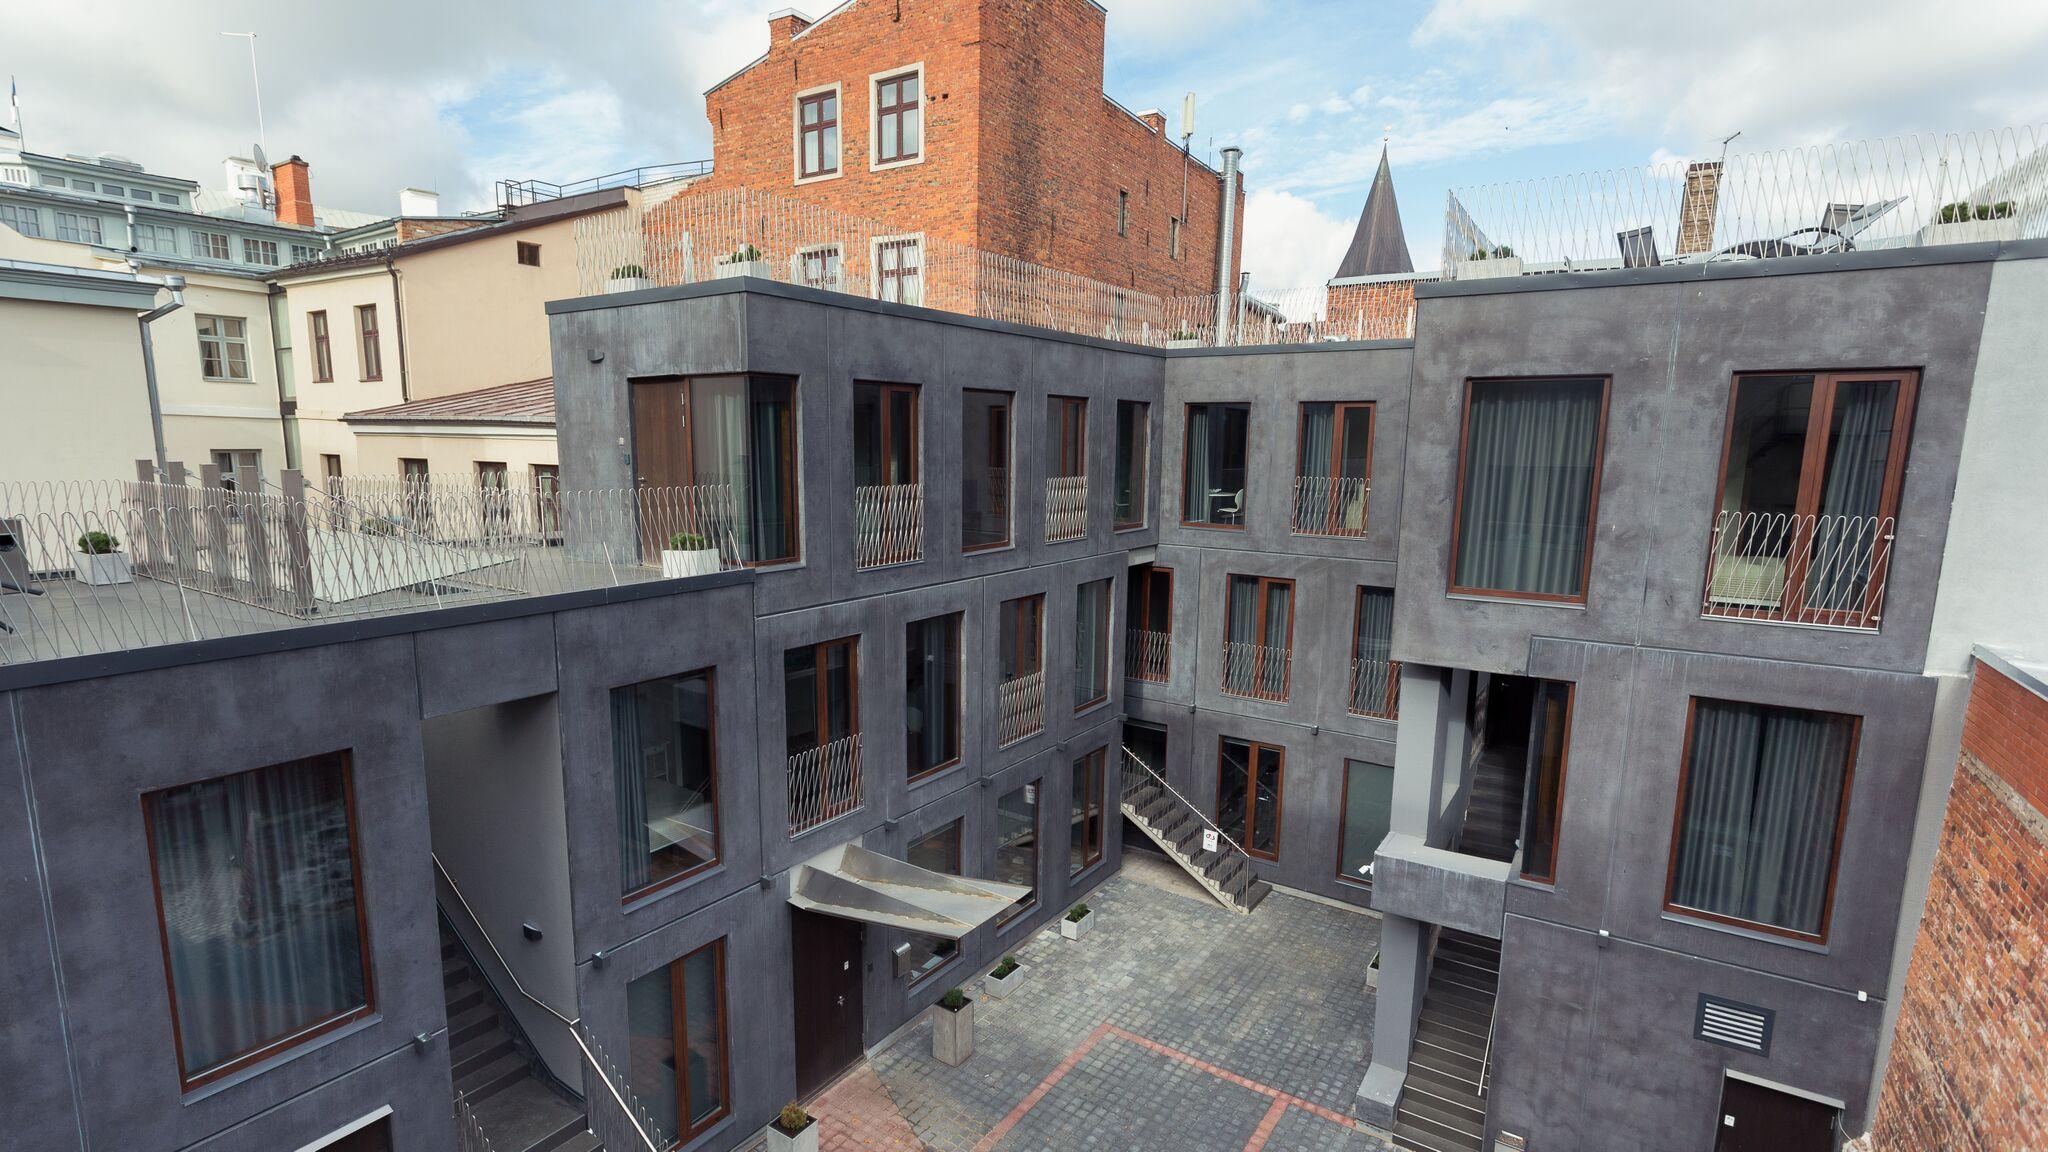 Väärikas uusarhitektuur toob vanalinna tänapäeva